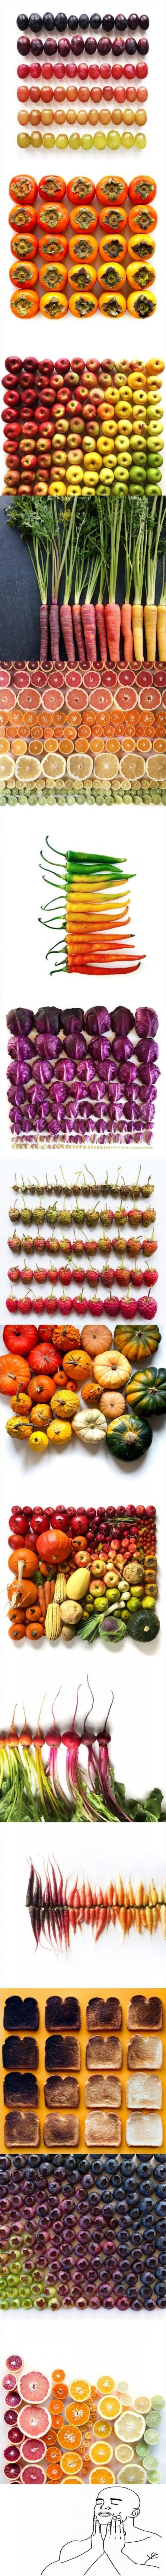 Otros - La perfección de los vegetales y frutas en orden